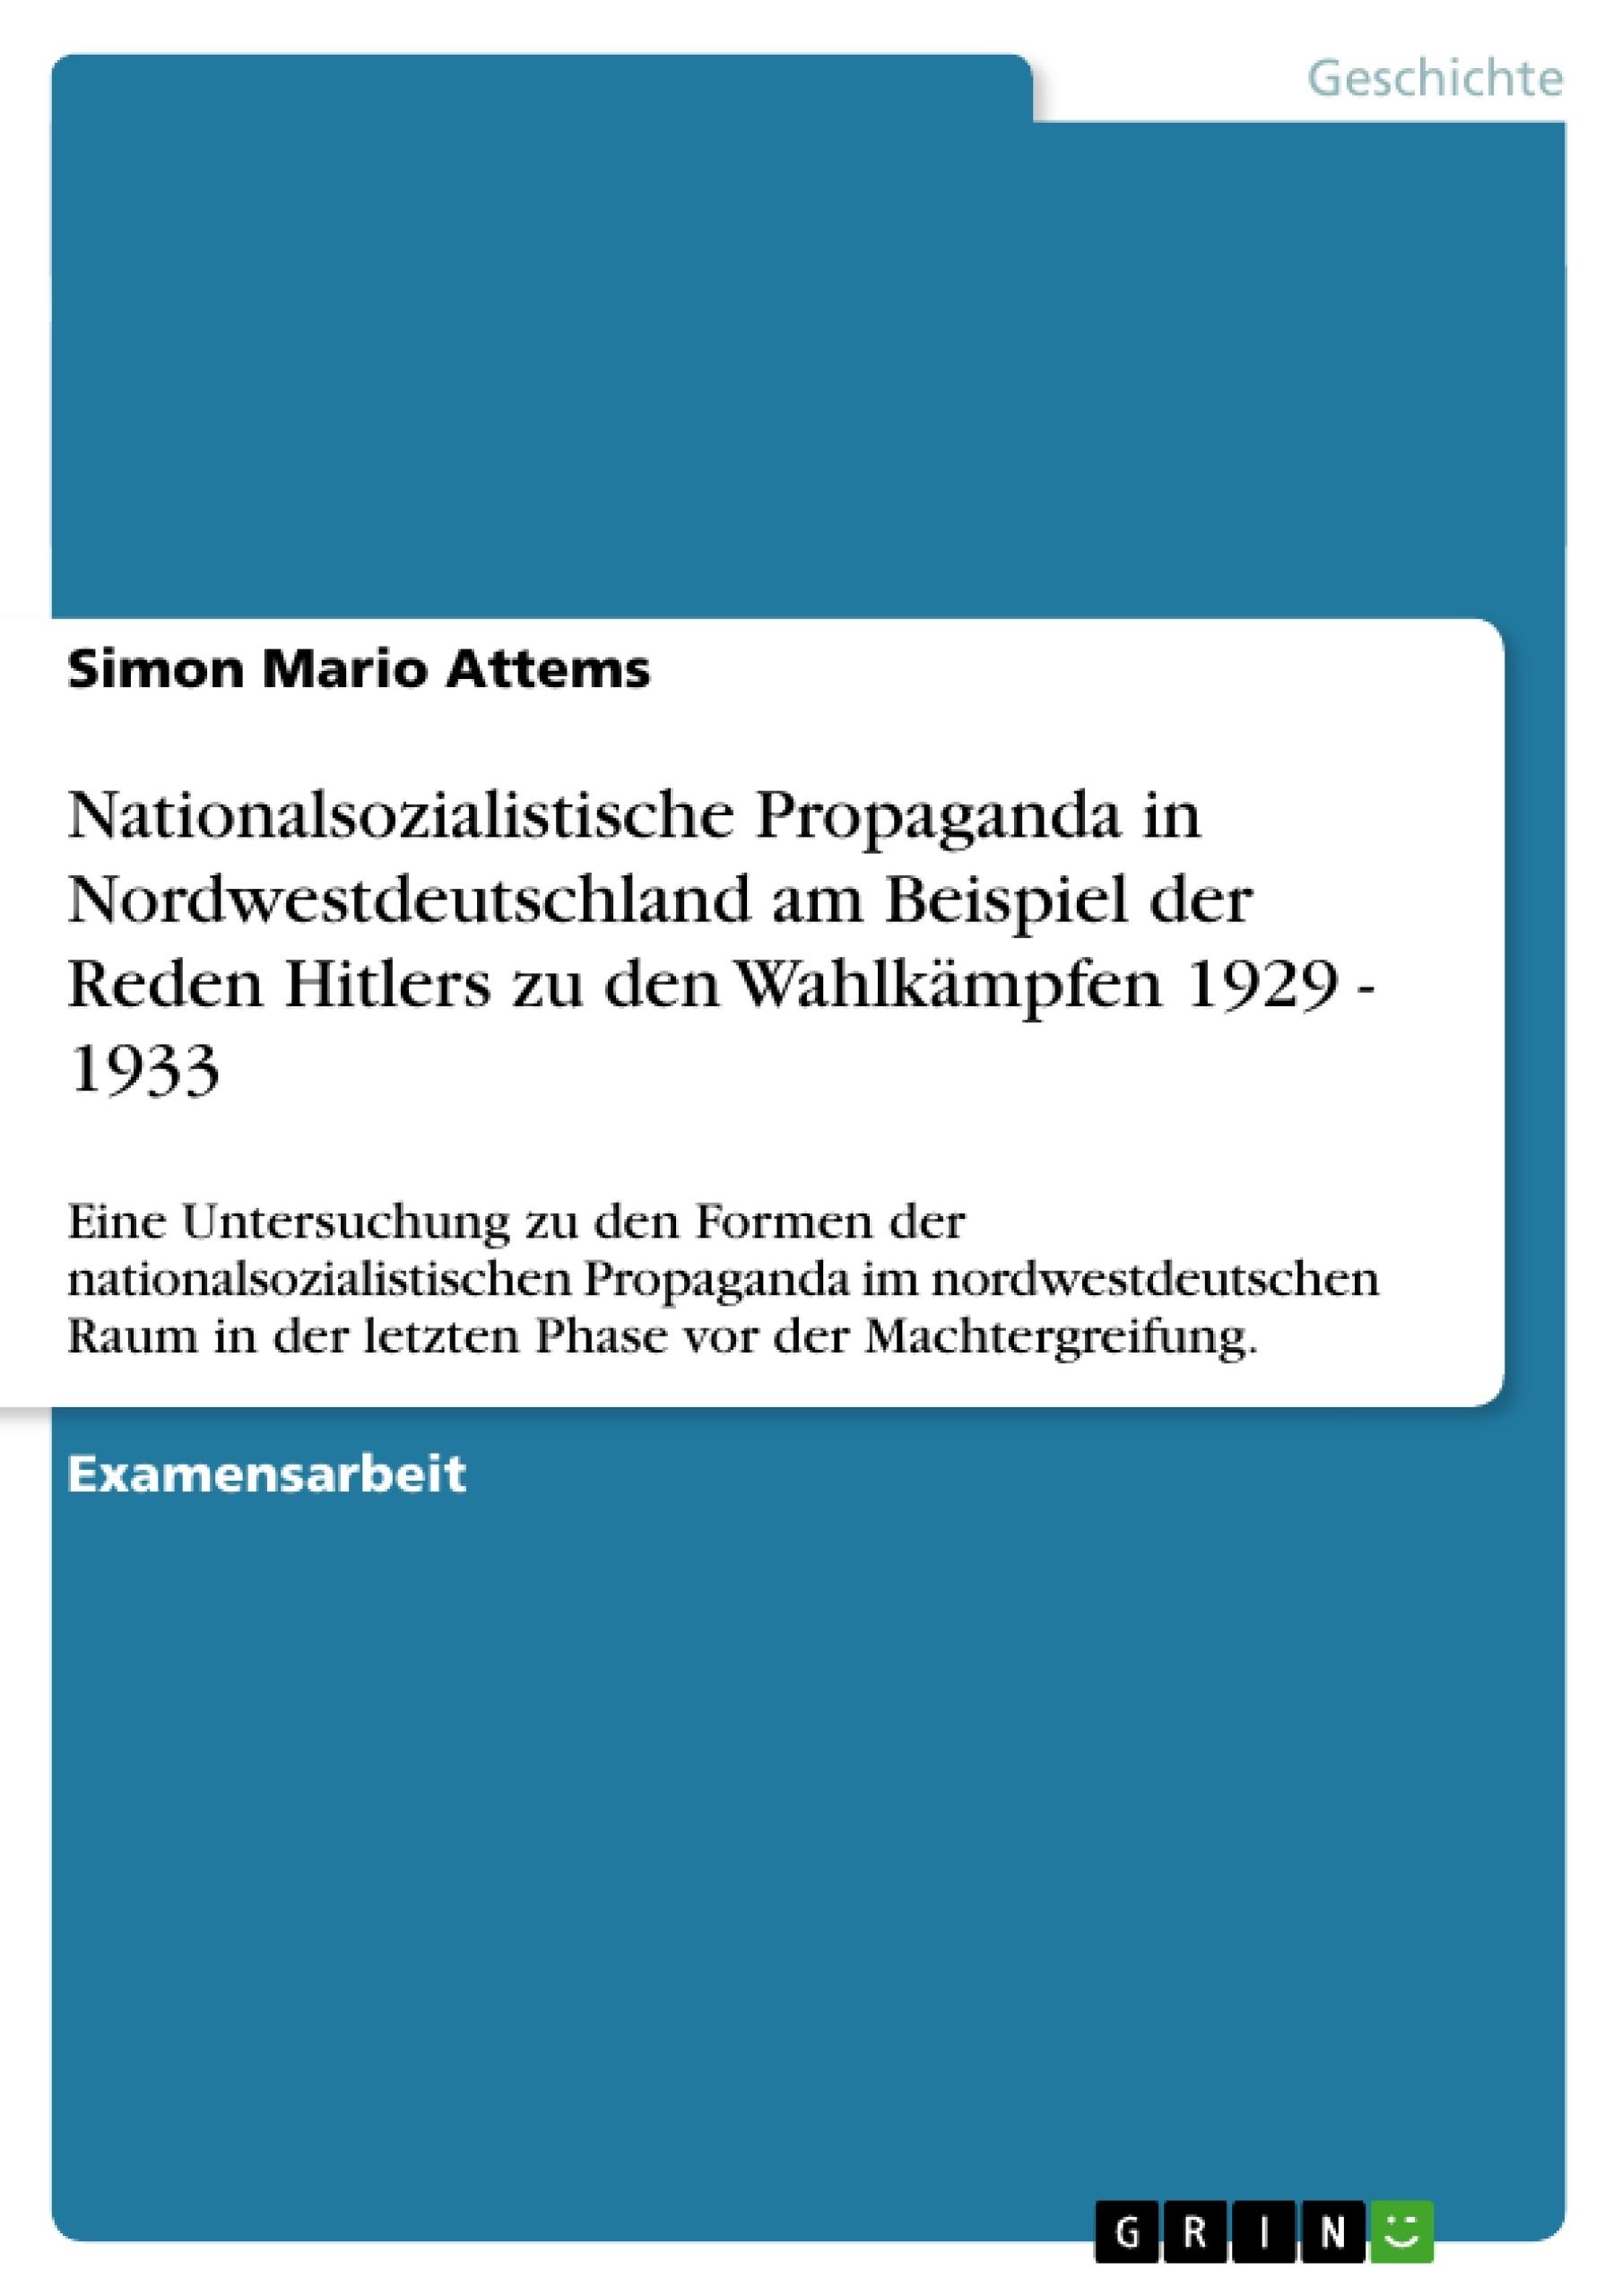 Titel: Nationalsozialistische Propaganda in Nordwestdeutschland am Beispiel der Reden Hitlers zu den Wahlkämpfen 1929 - 1933